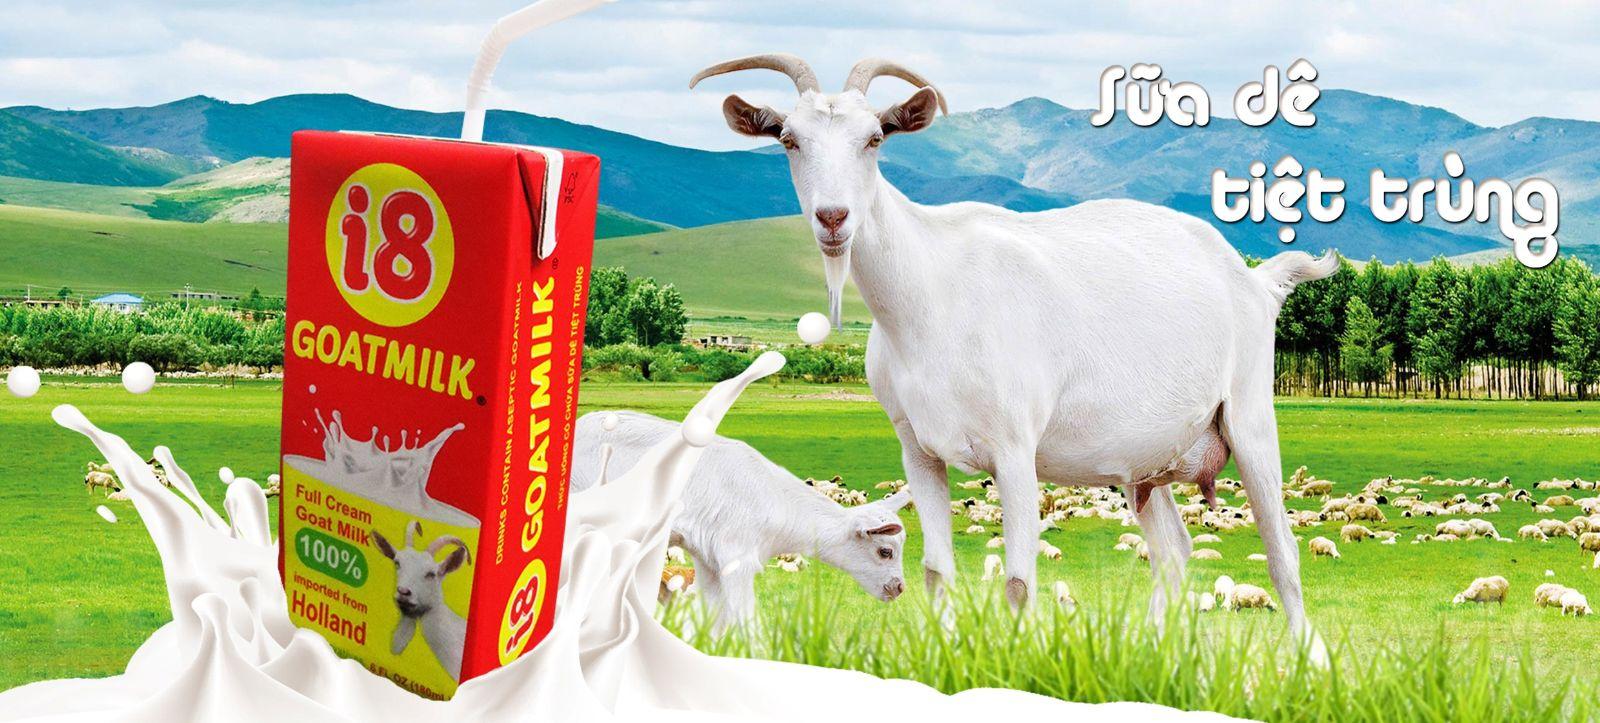 sua-de-tiet-trung-i8-goatmilk-giu-dung-nguyen-chat-ha-lan